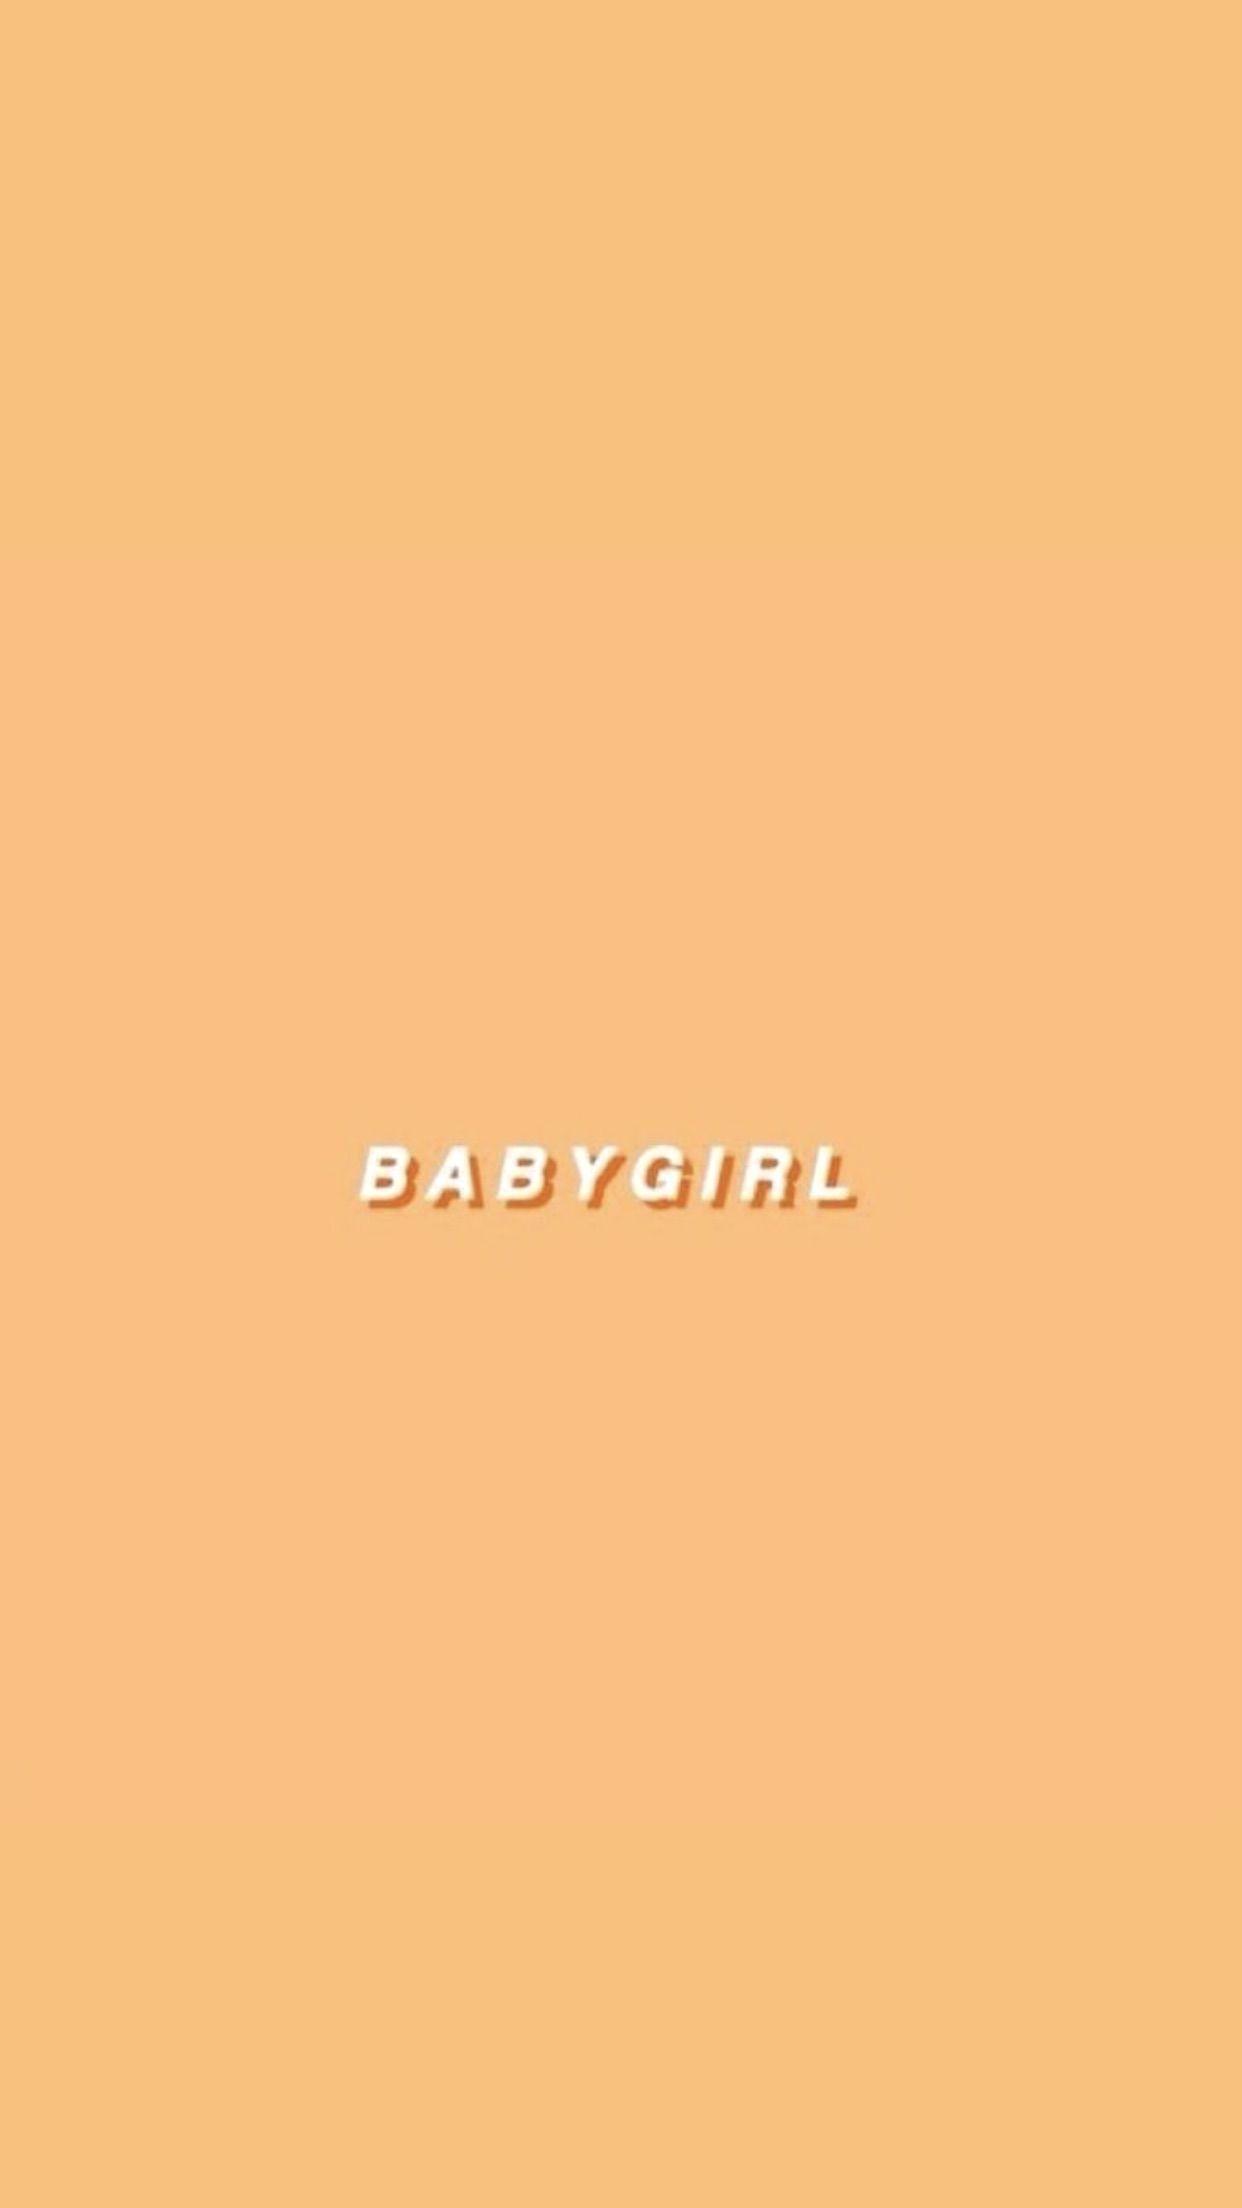 New Vsco Girls Relate Baby Girl 2019